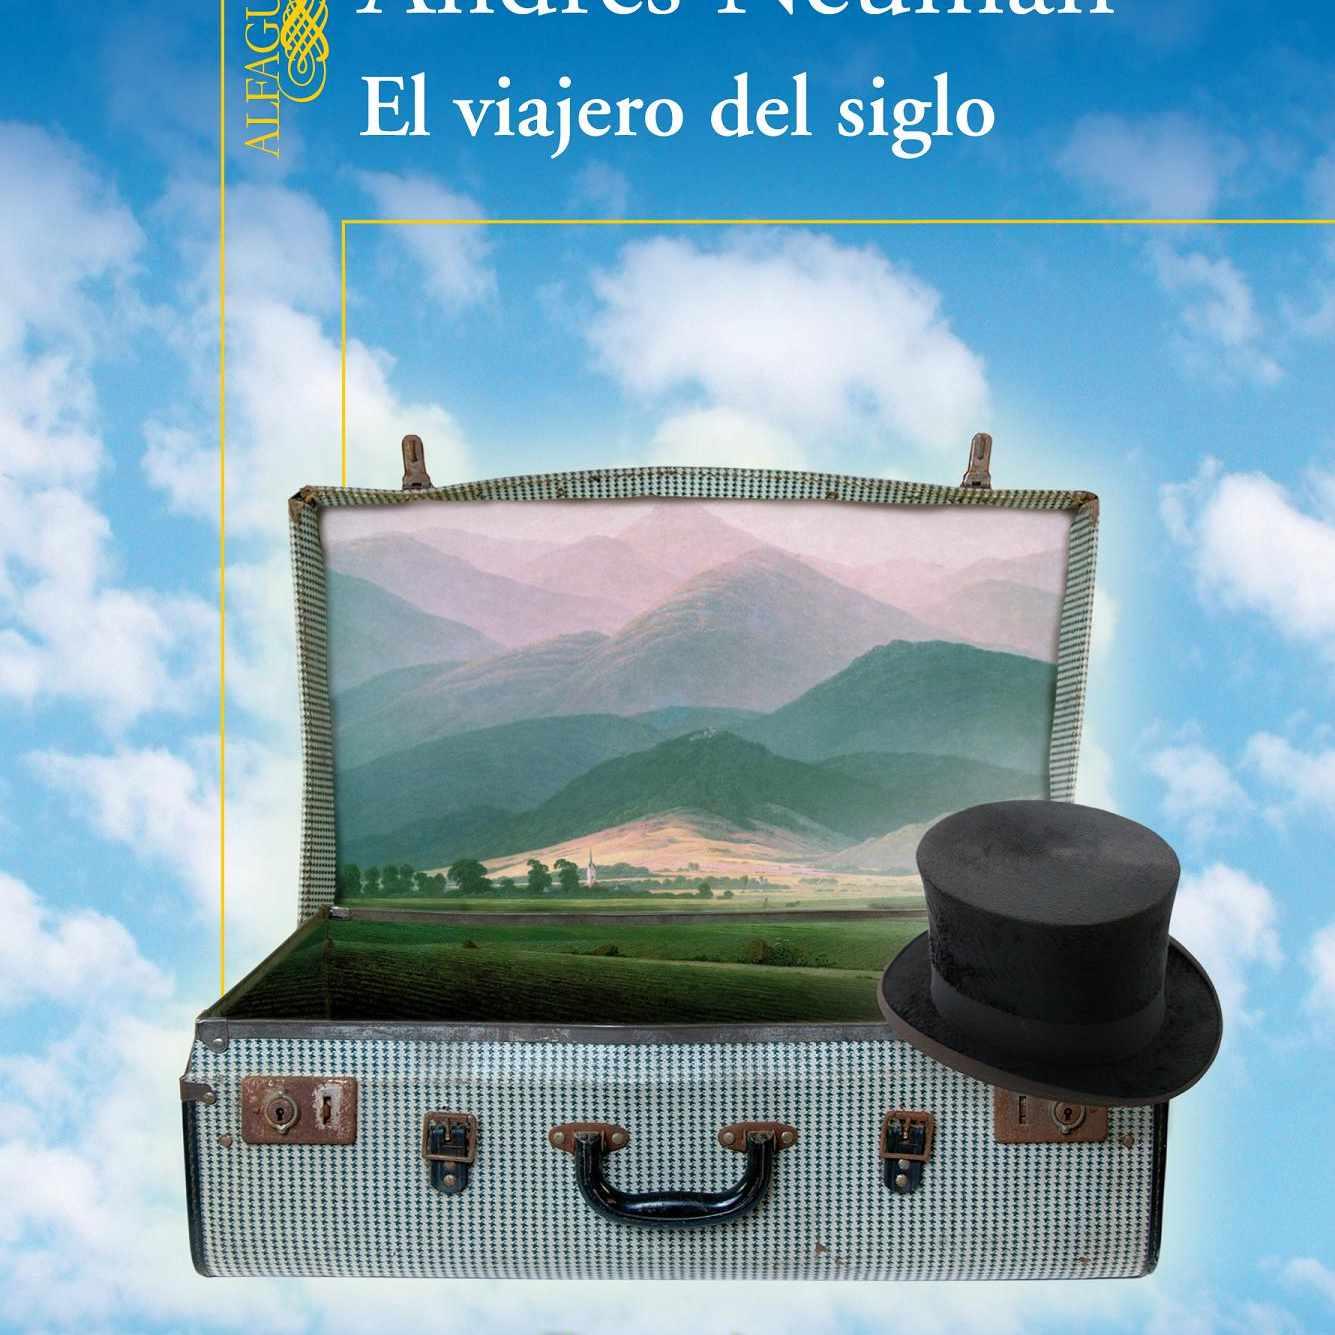 El viajero del siglo de Andres Neuman